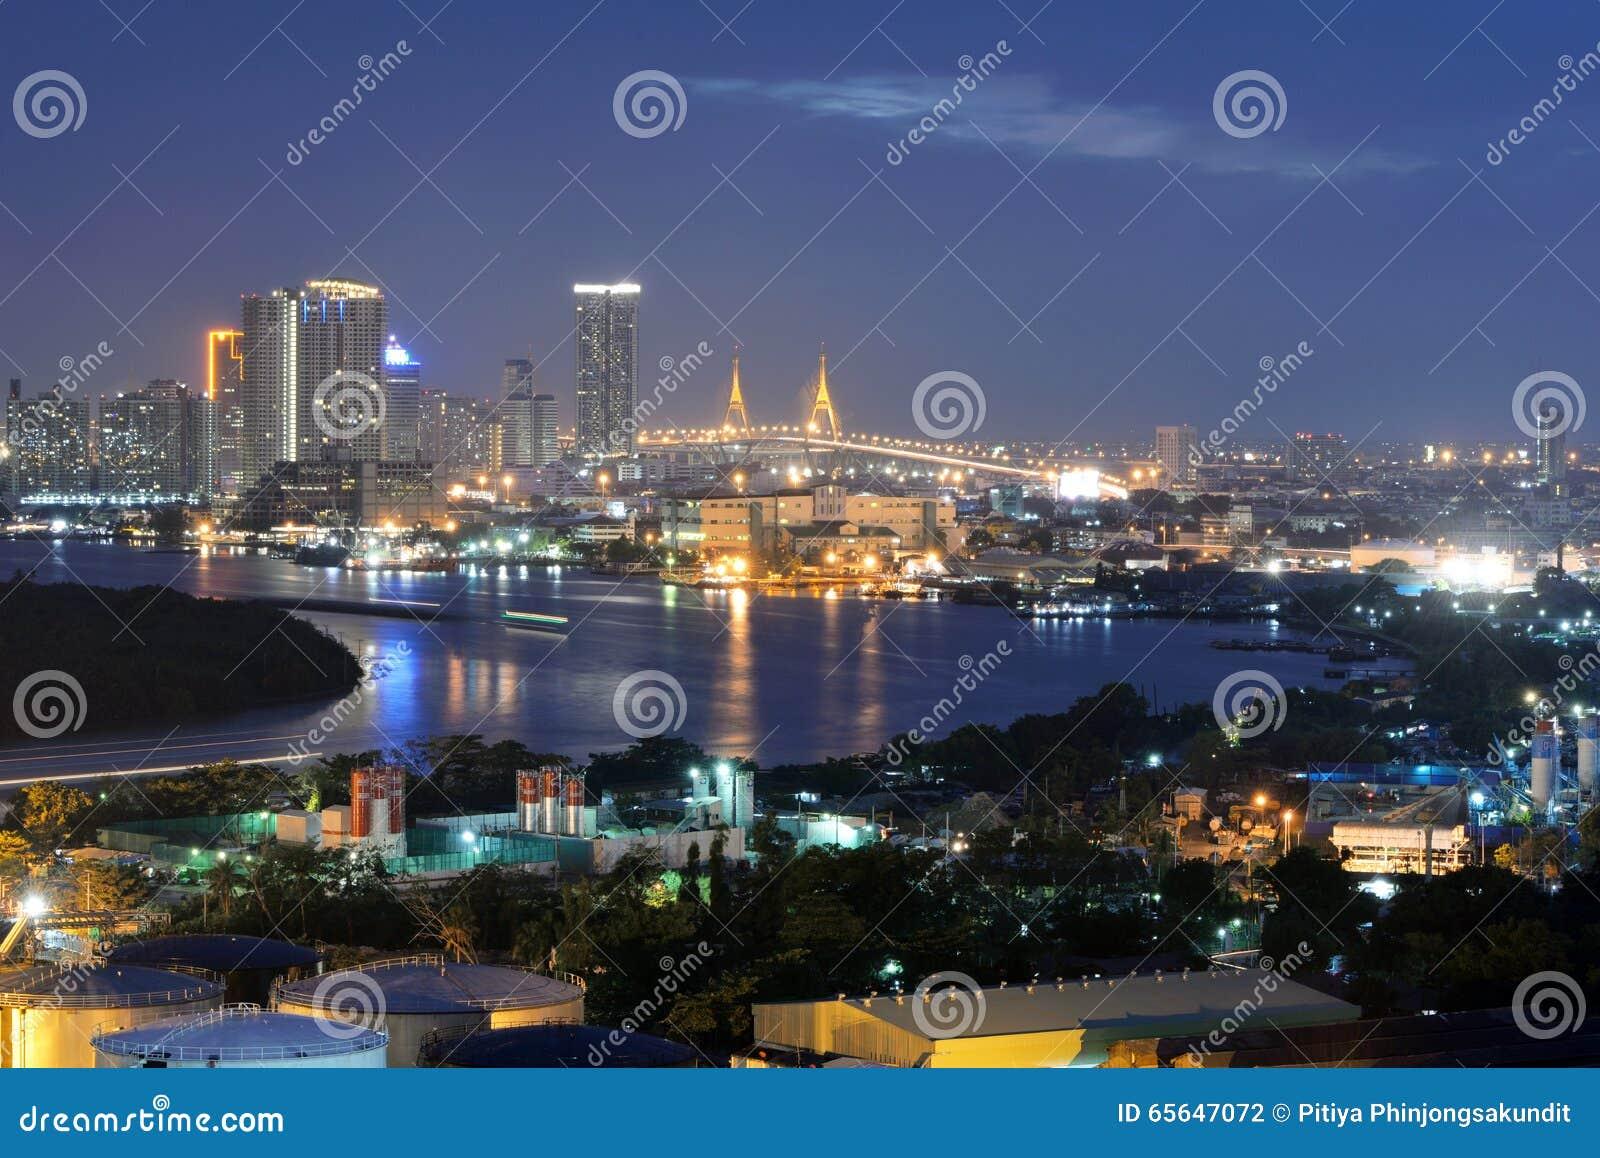 Бангкок, Таиланд - 16-ое января 2016: Горизонт Бангкока с городом